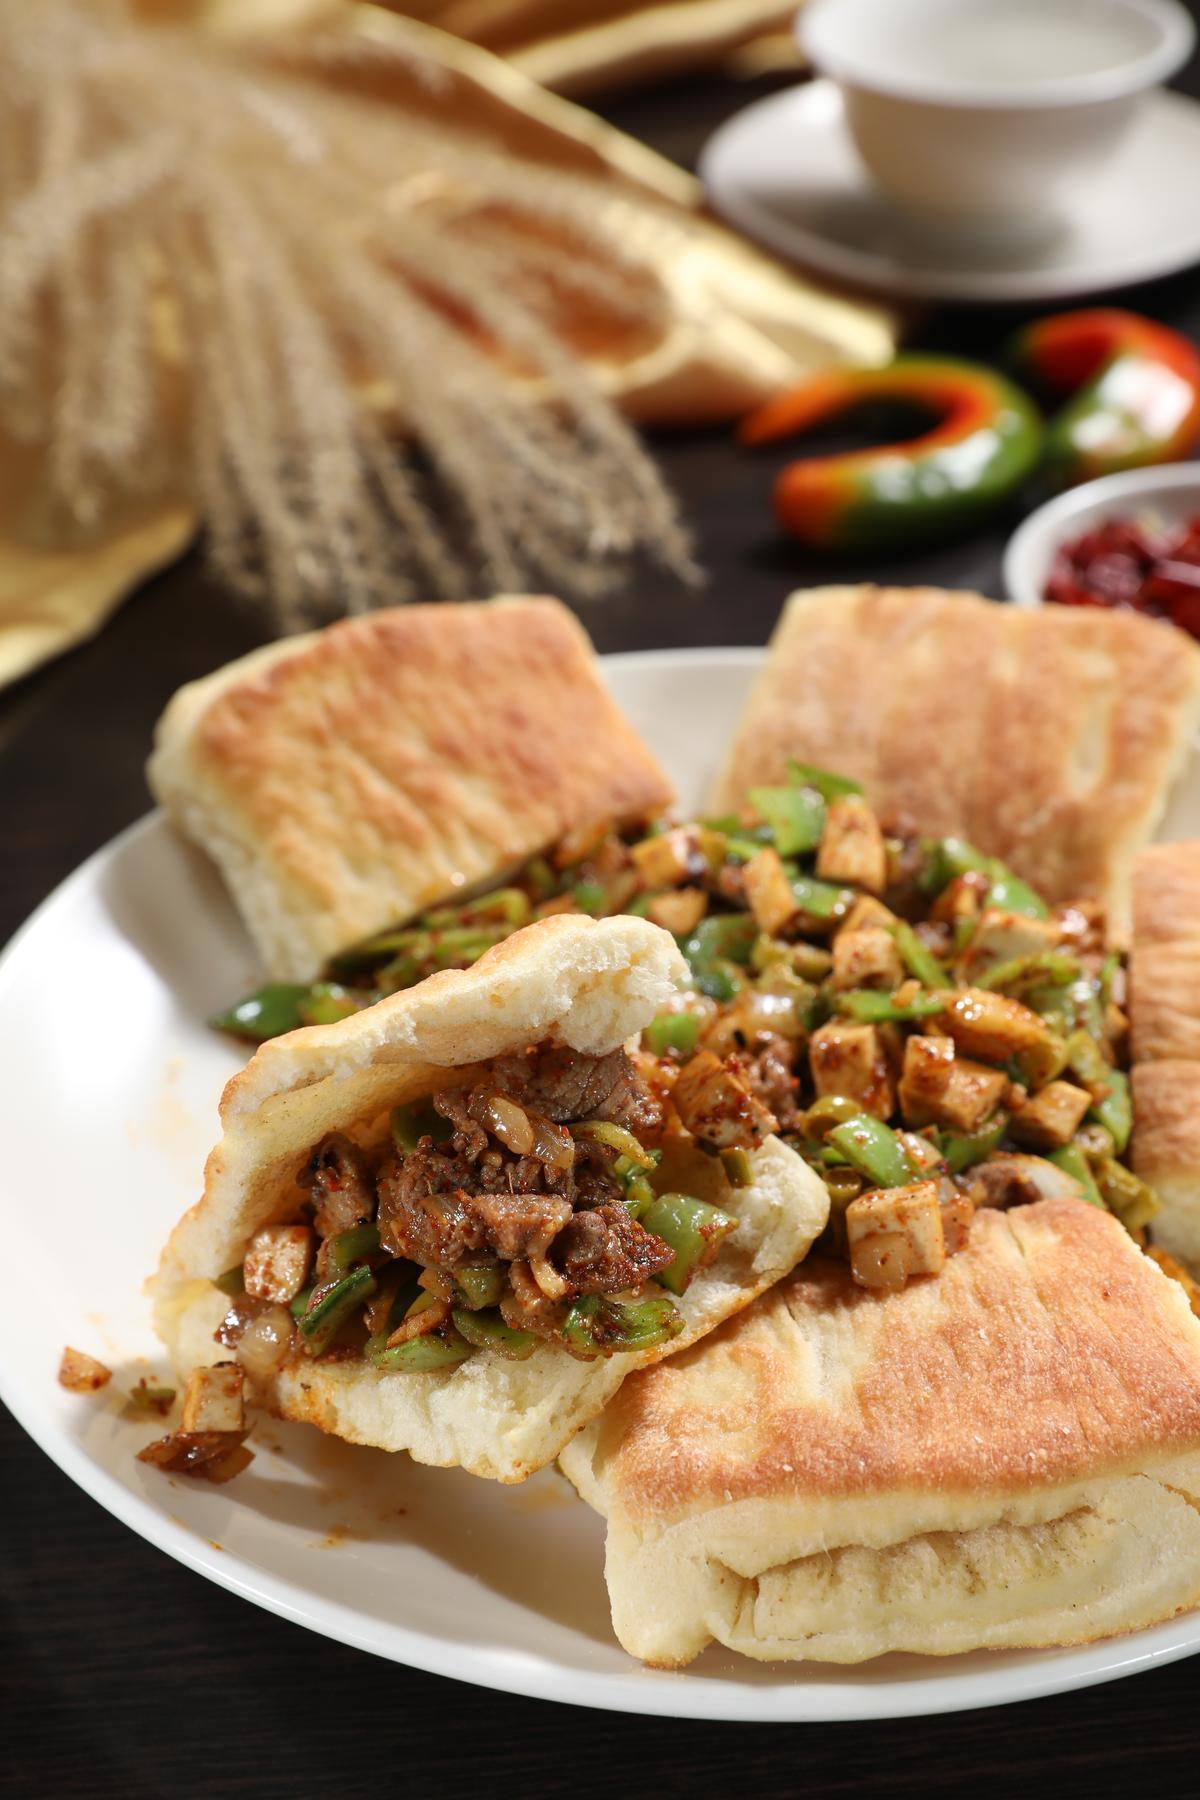 「烙饃」的內餡用甜豆、酸豇豆、豆乾丁等配料炒碎肉,包在酥香饃裡大口咬最過癮。(300元/大份)